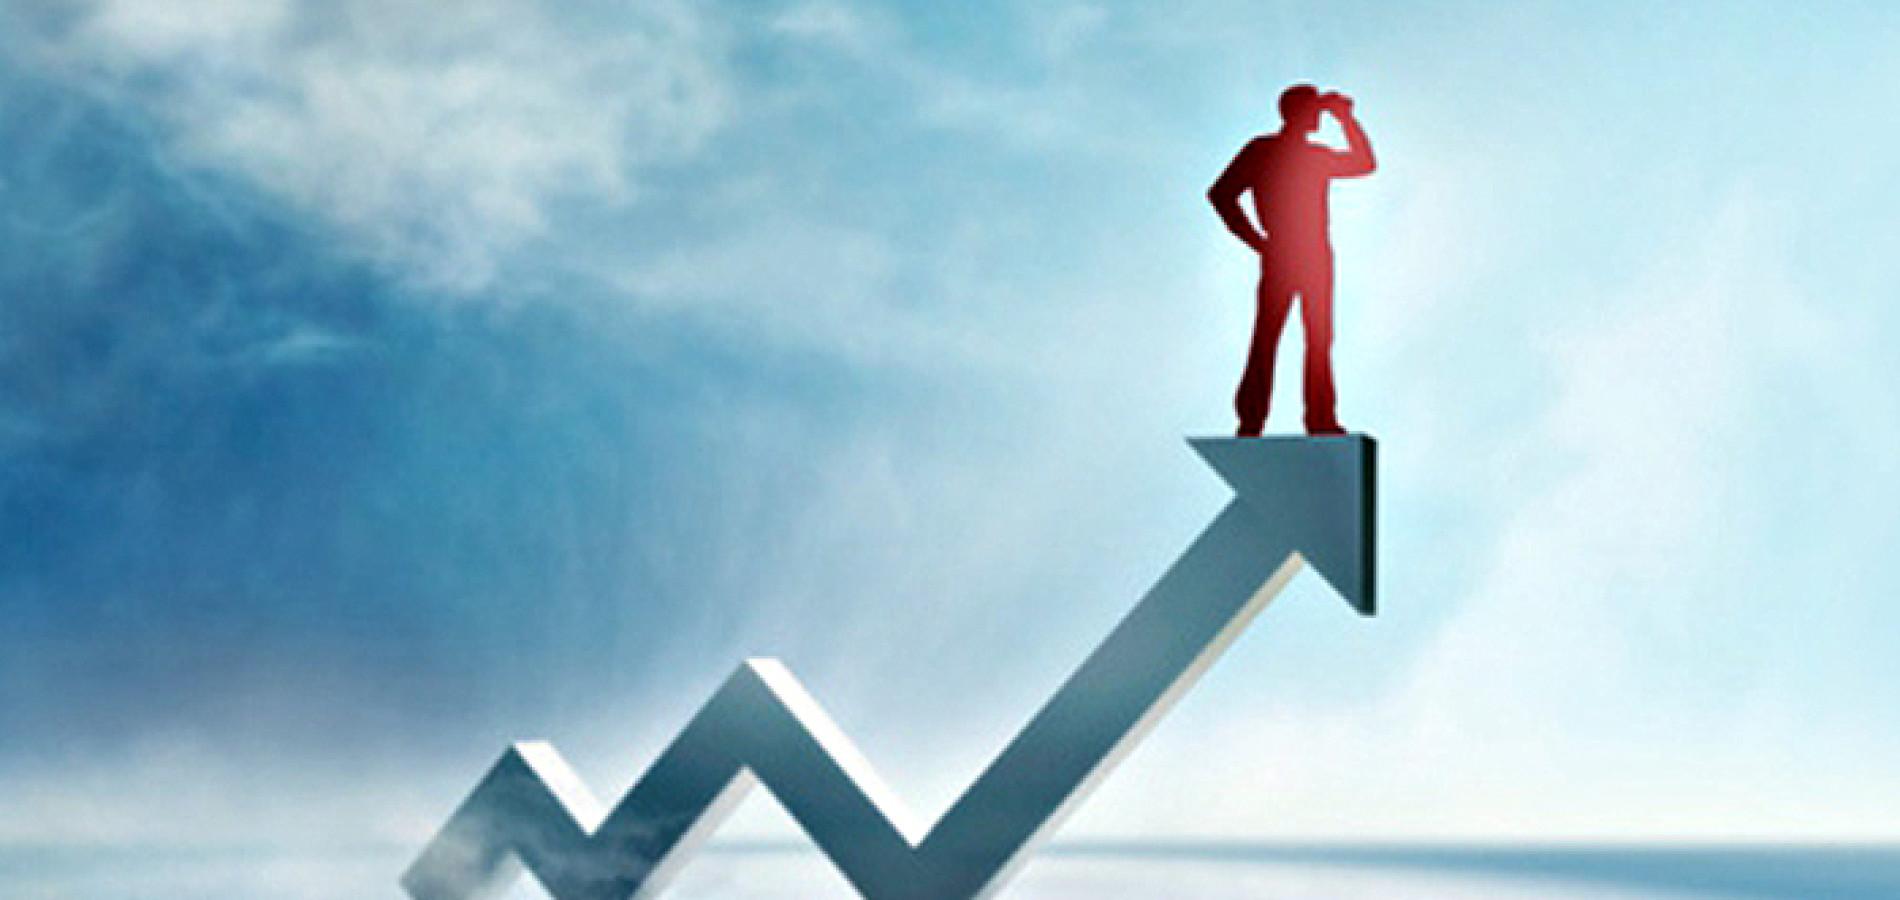 Финансовое развитие: рецепты для экономики роста